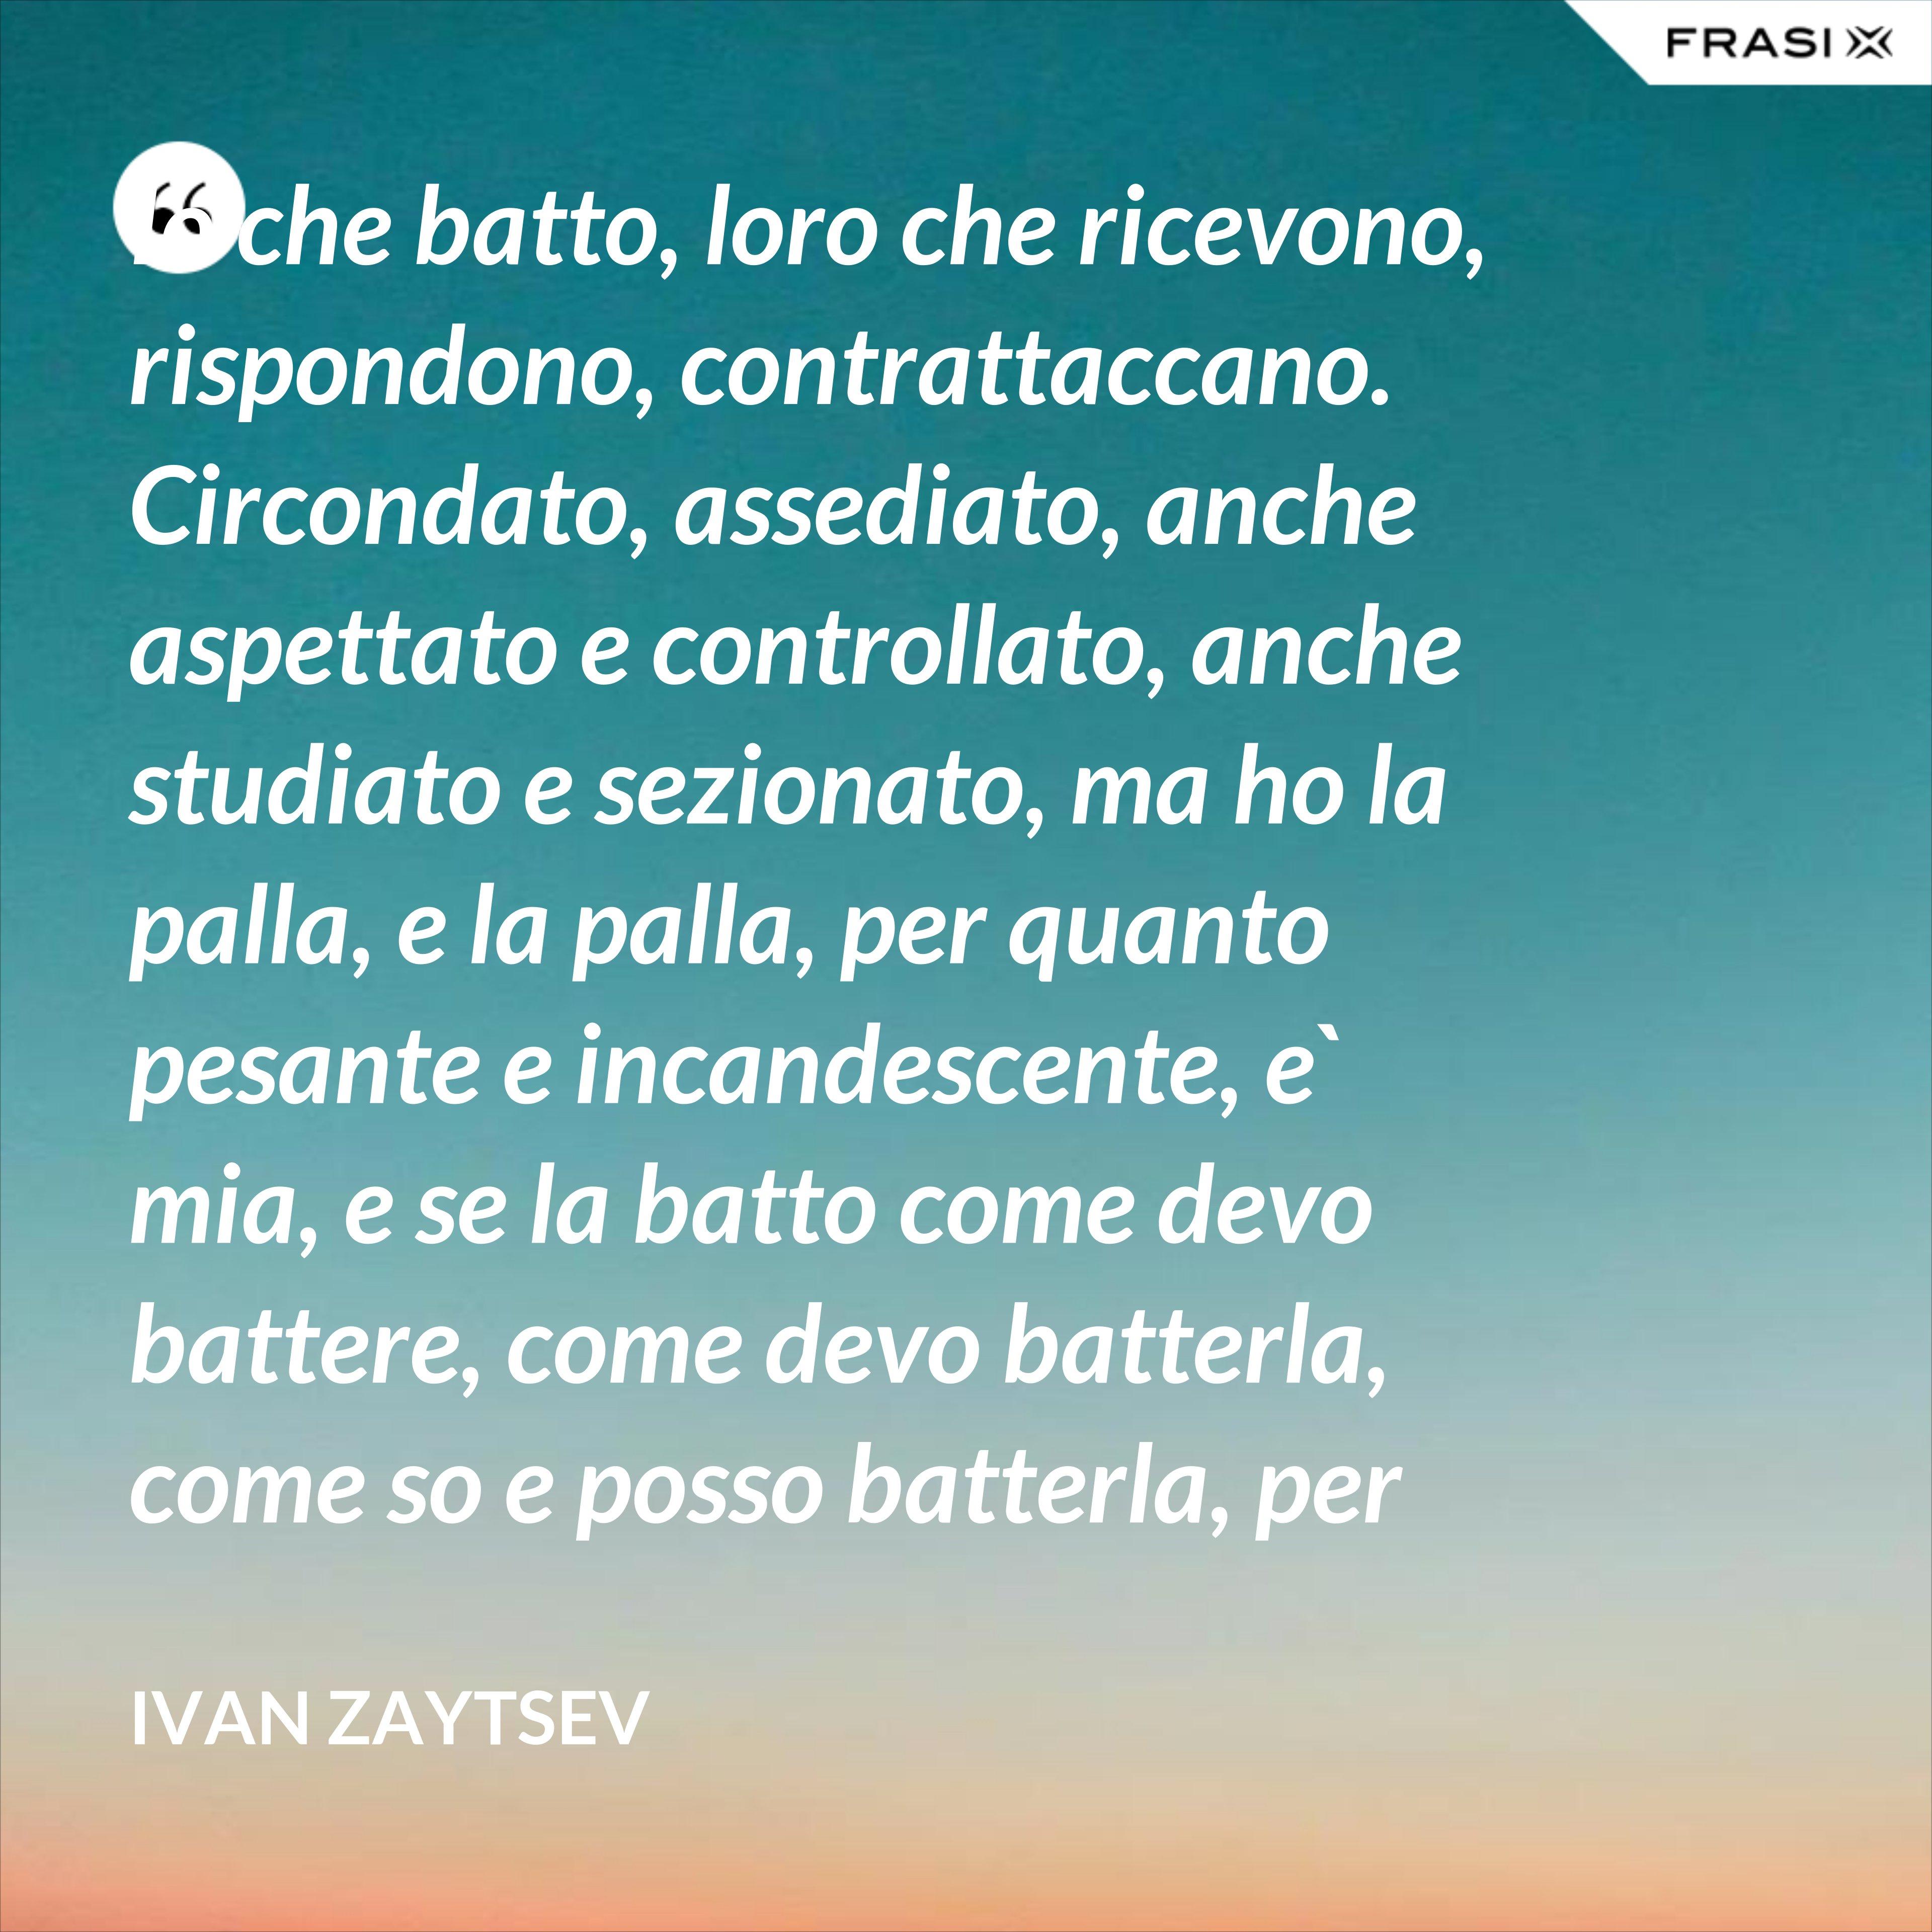 Io che batto, loro che ricevono, rispondono, contrattaccano. Circondato, assediato, anche aspettato e controllato, anche studiato e sezionato, ma ho la palla, e la palla, per quanto pesante e incandescente, e` mia, e se la batto come devo battere, come devo batterla, come so e posso batterla, per loro diventera` pesantissima e ustionante. - Ivan Zaytsev